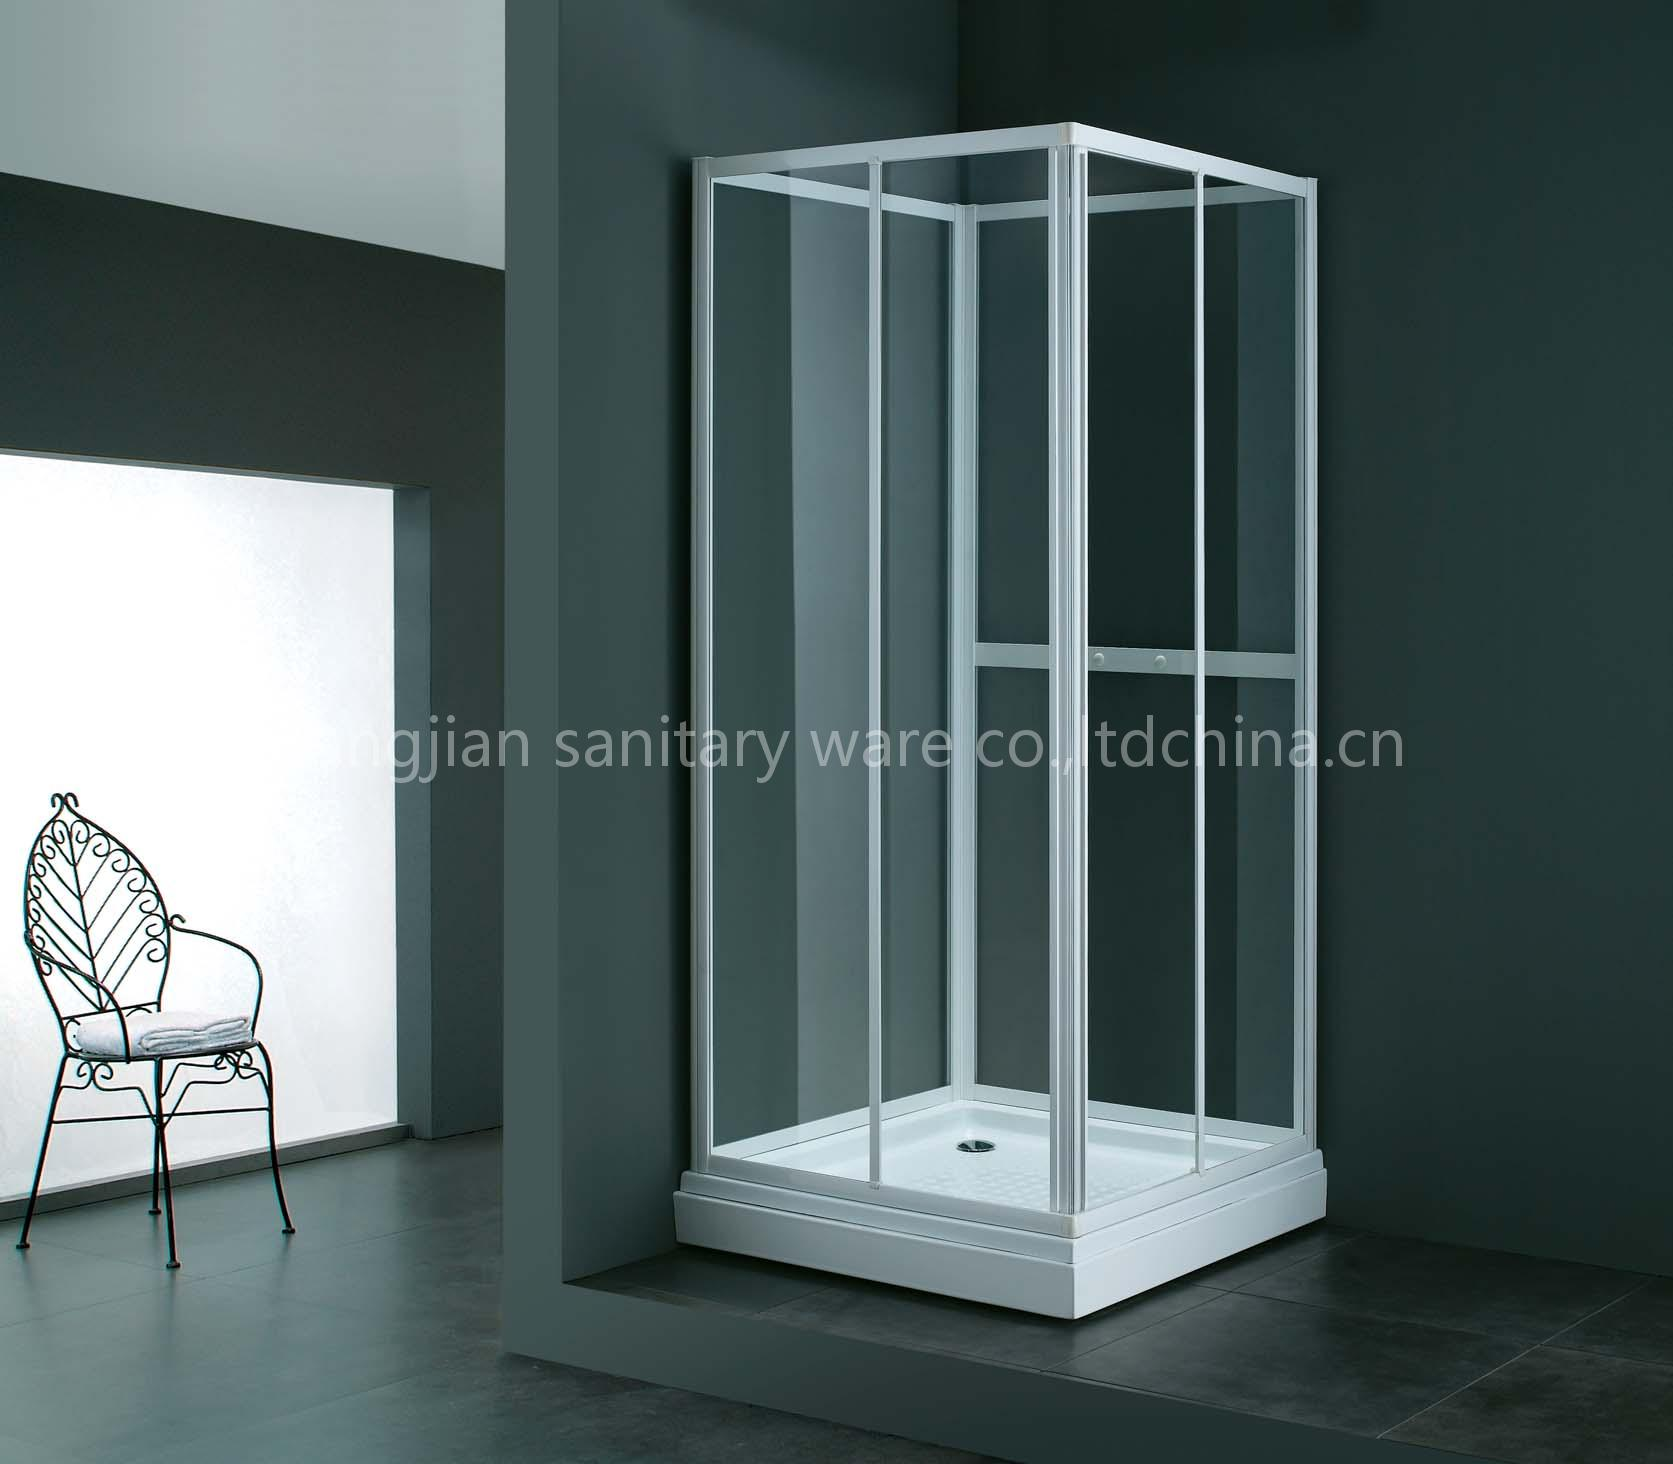 Imagens de #526F79 Box para o banheiro 1673x1464 px 2824 Box Banheiro Limpeza